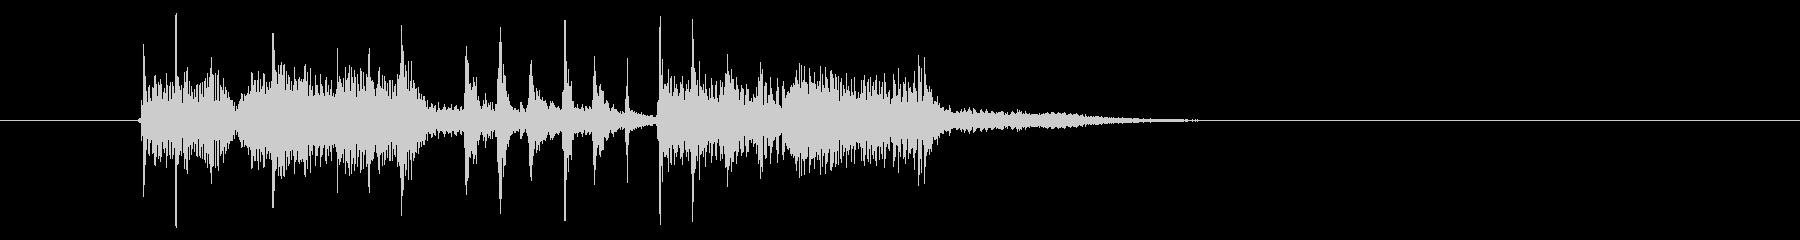 パーカッションの音に浮遊感があるシンセ曲の未再生の波形